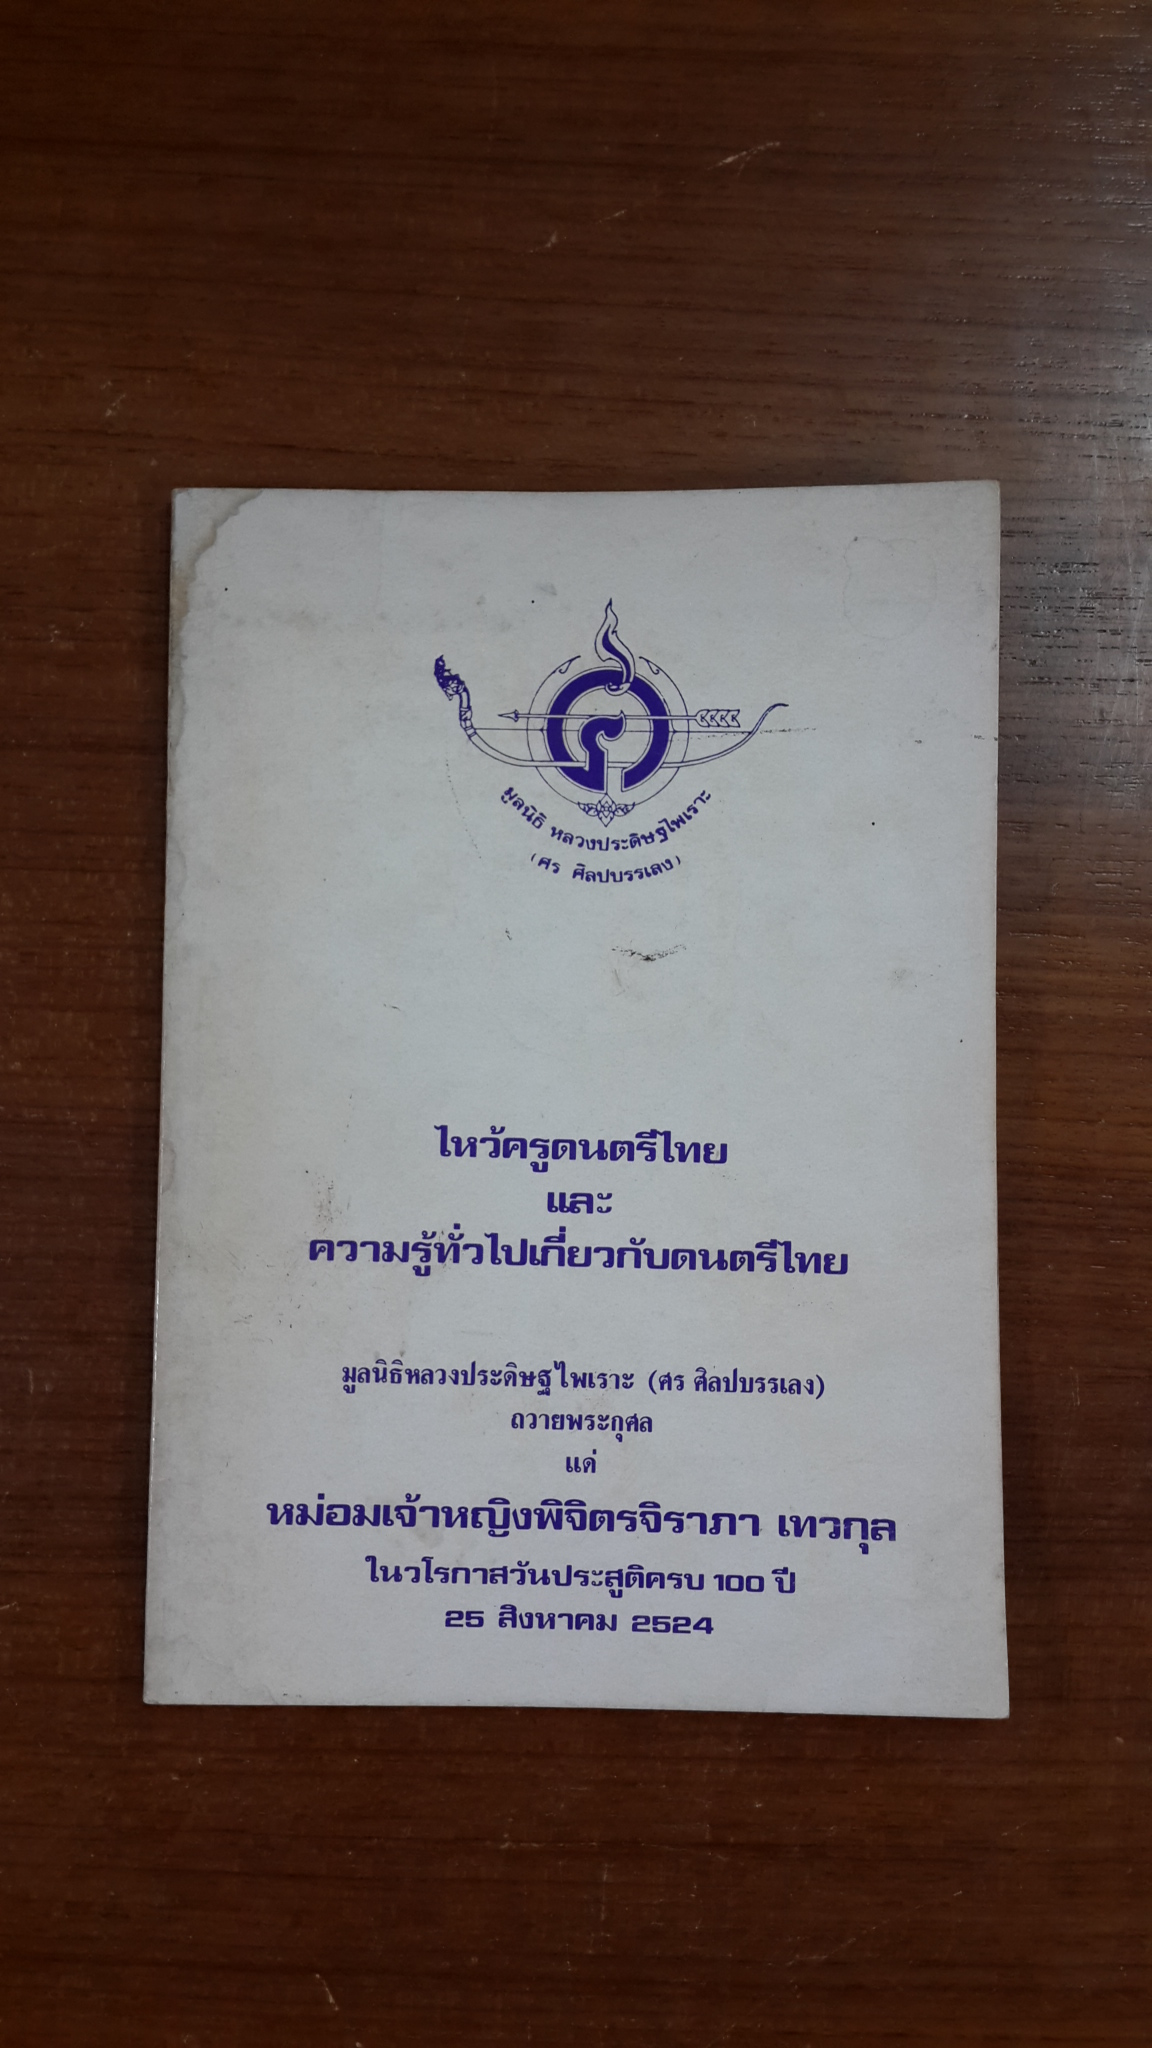 ไหว้ครูดนตรีไทย และ ความรู้ทั่วไปเกี่ยวกับดนตรีไทย